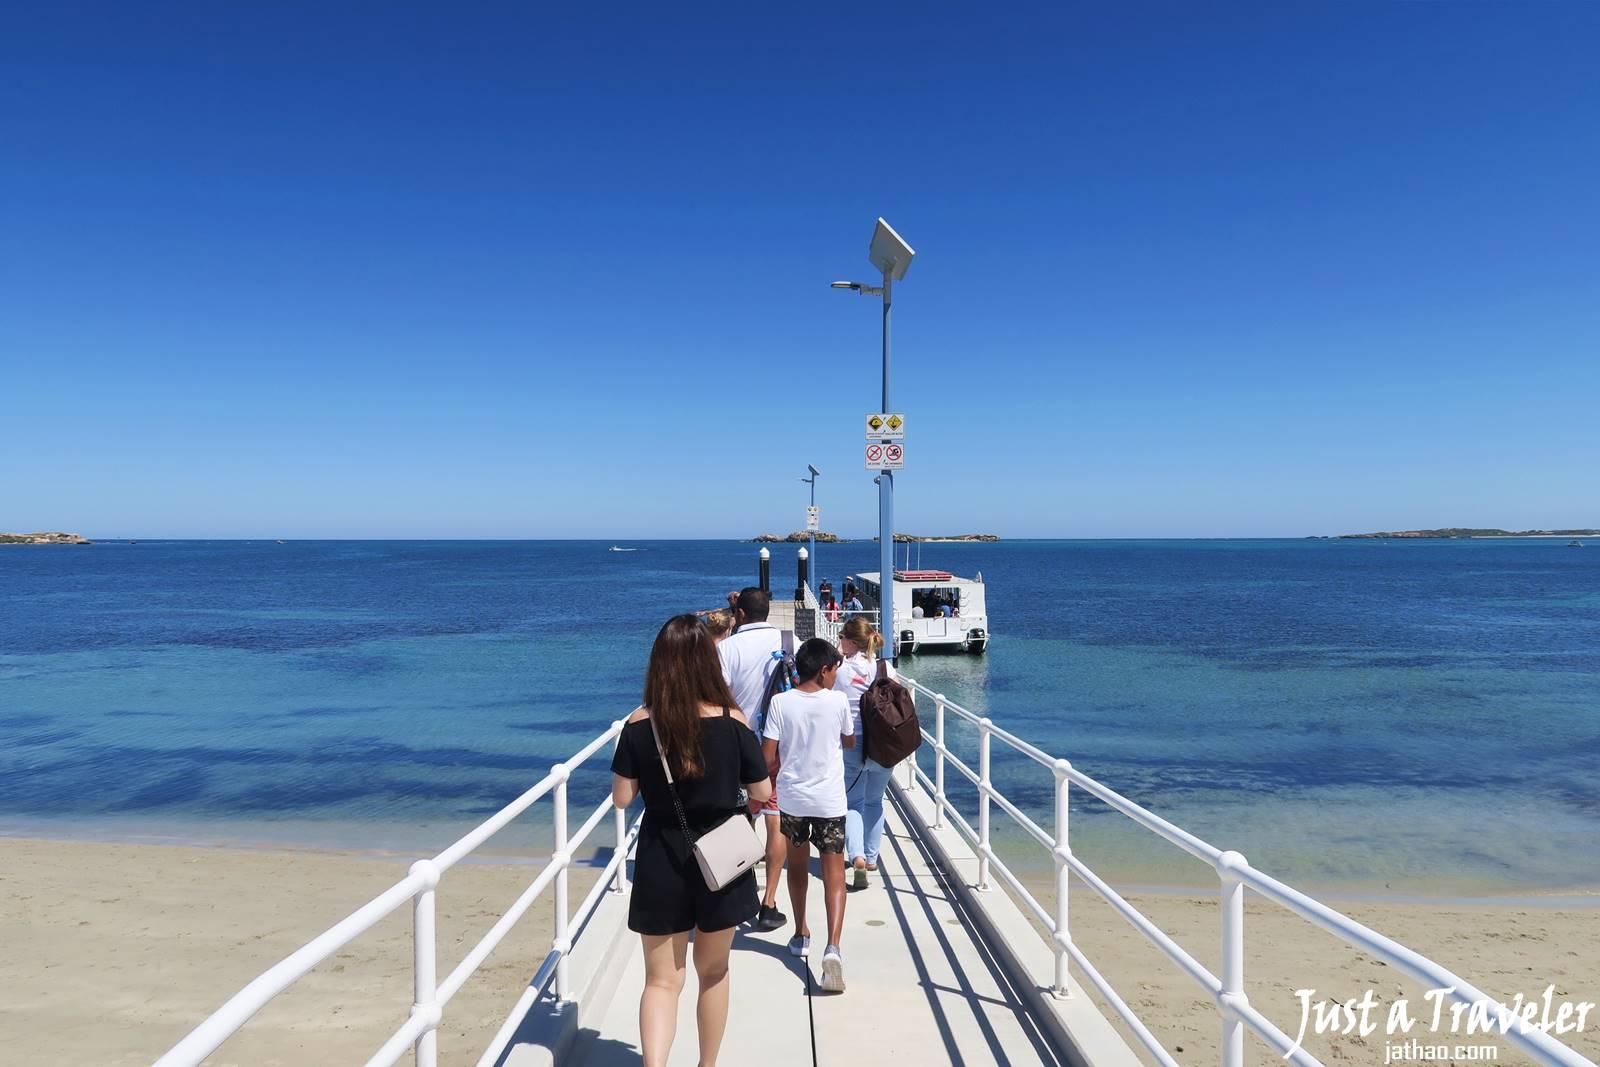 伯斯-景點-推薦-必玩-一日遊-企鵝島-Penguin-Island-遊記-渡輪-Ferry-旅遊-自由行-Perth